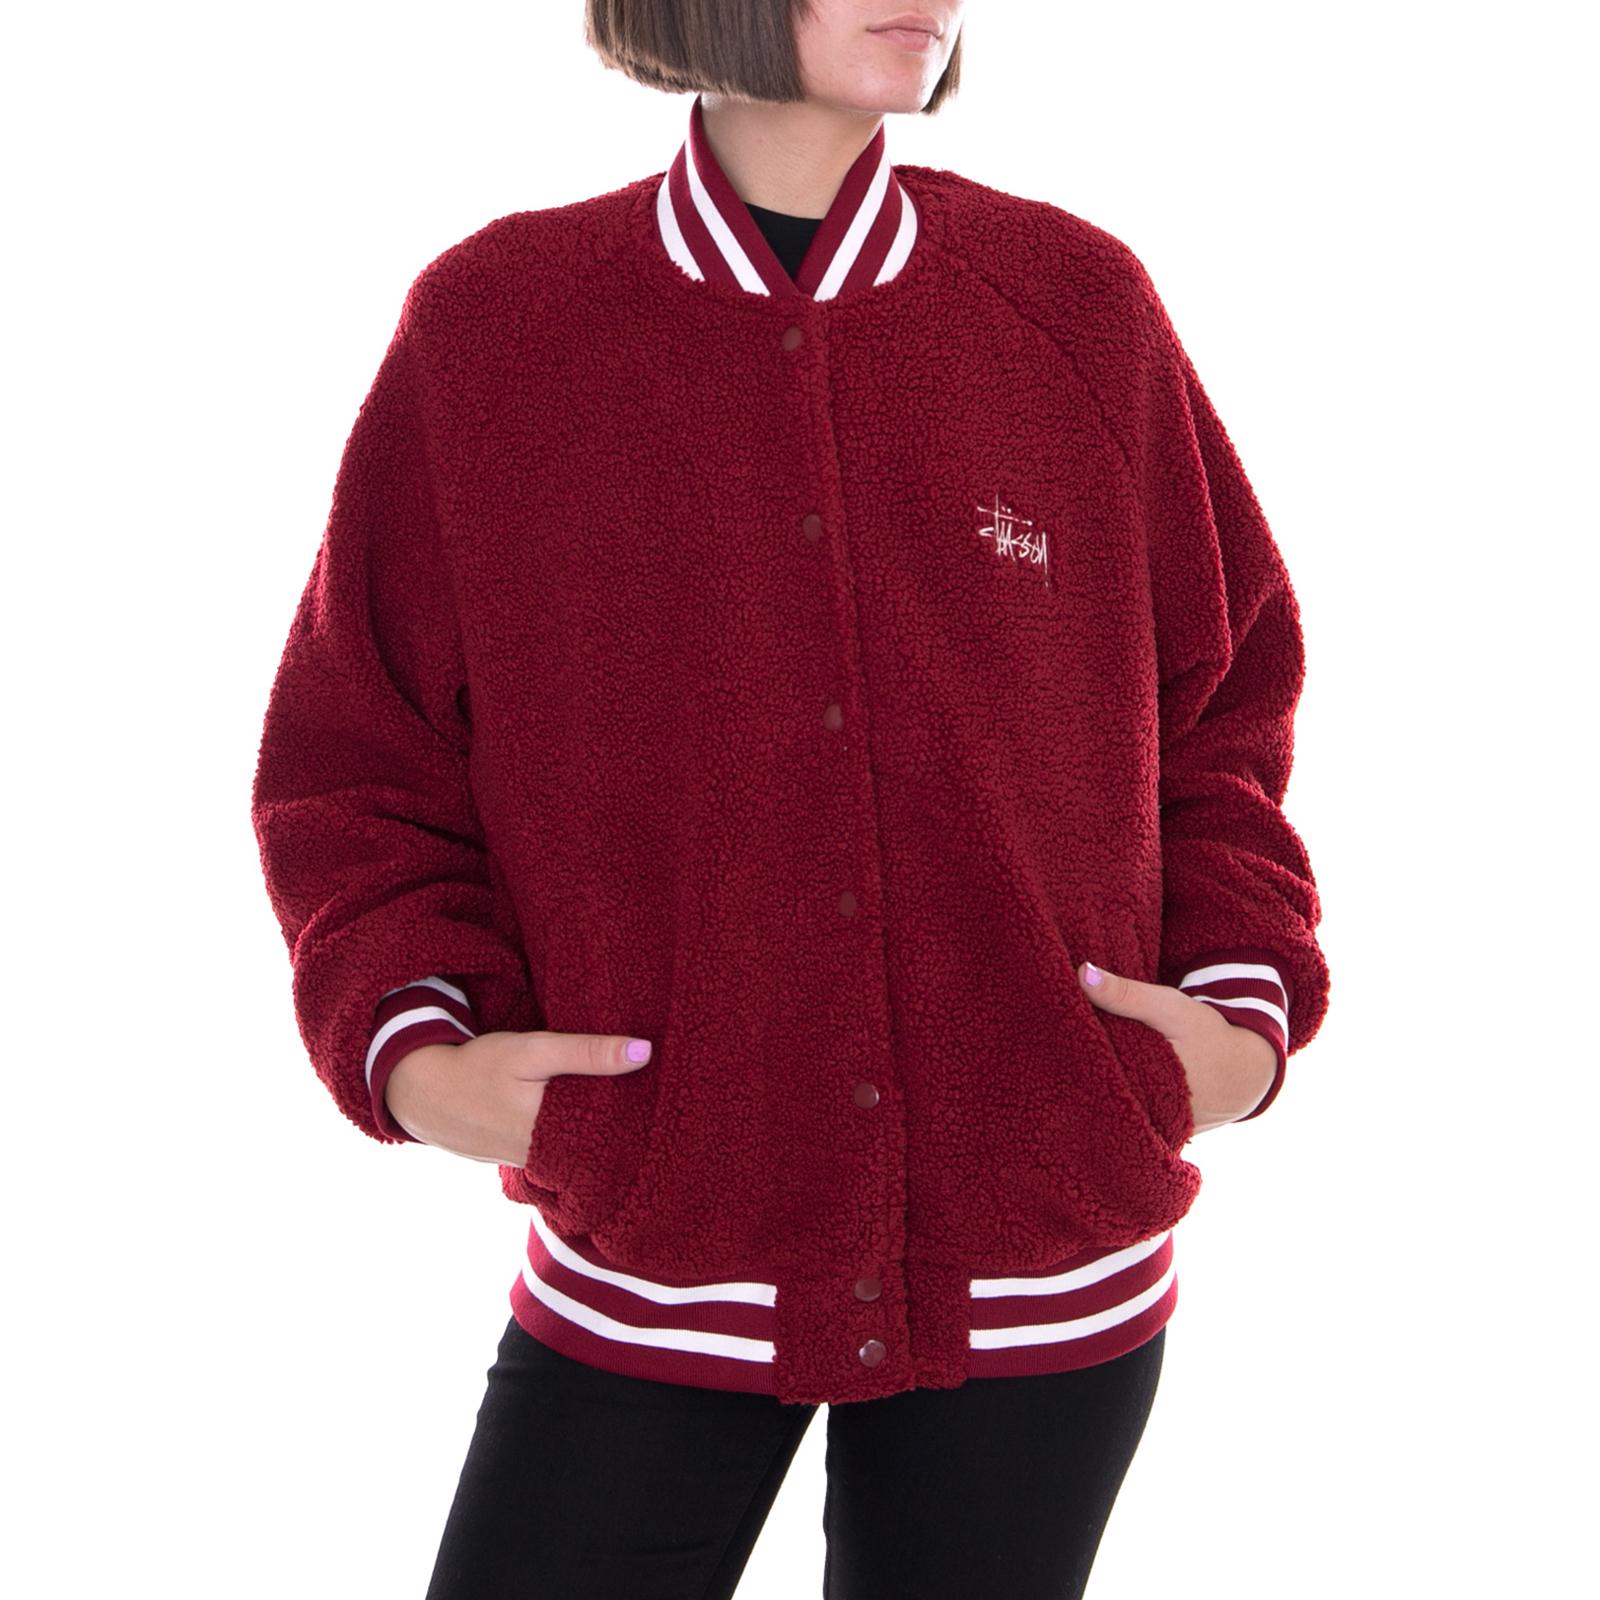 Details about Stussy jackets Micah Varsity Jacket Burgundy Bordeaux- show  original title